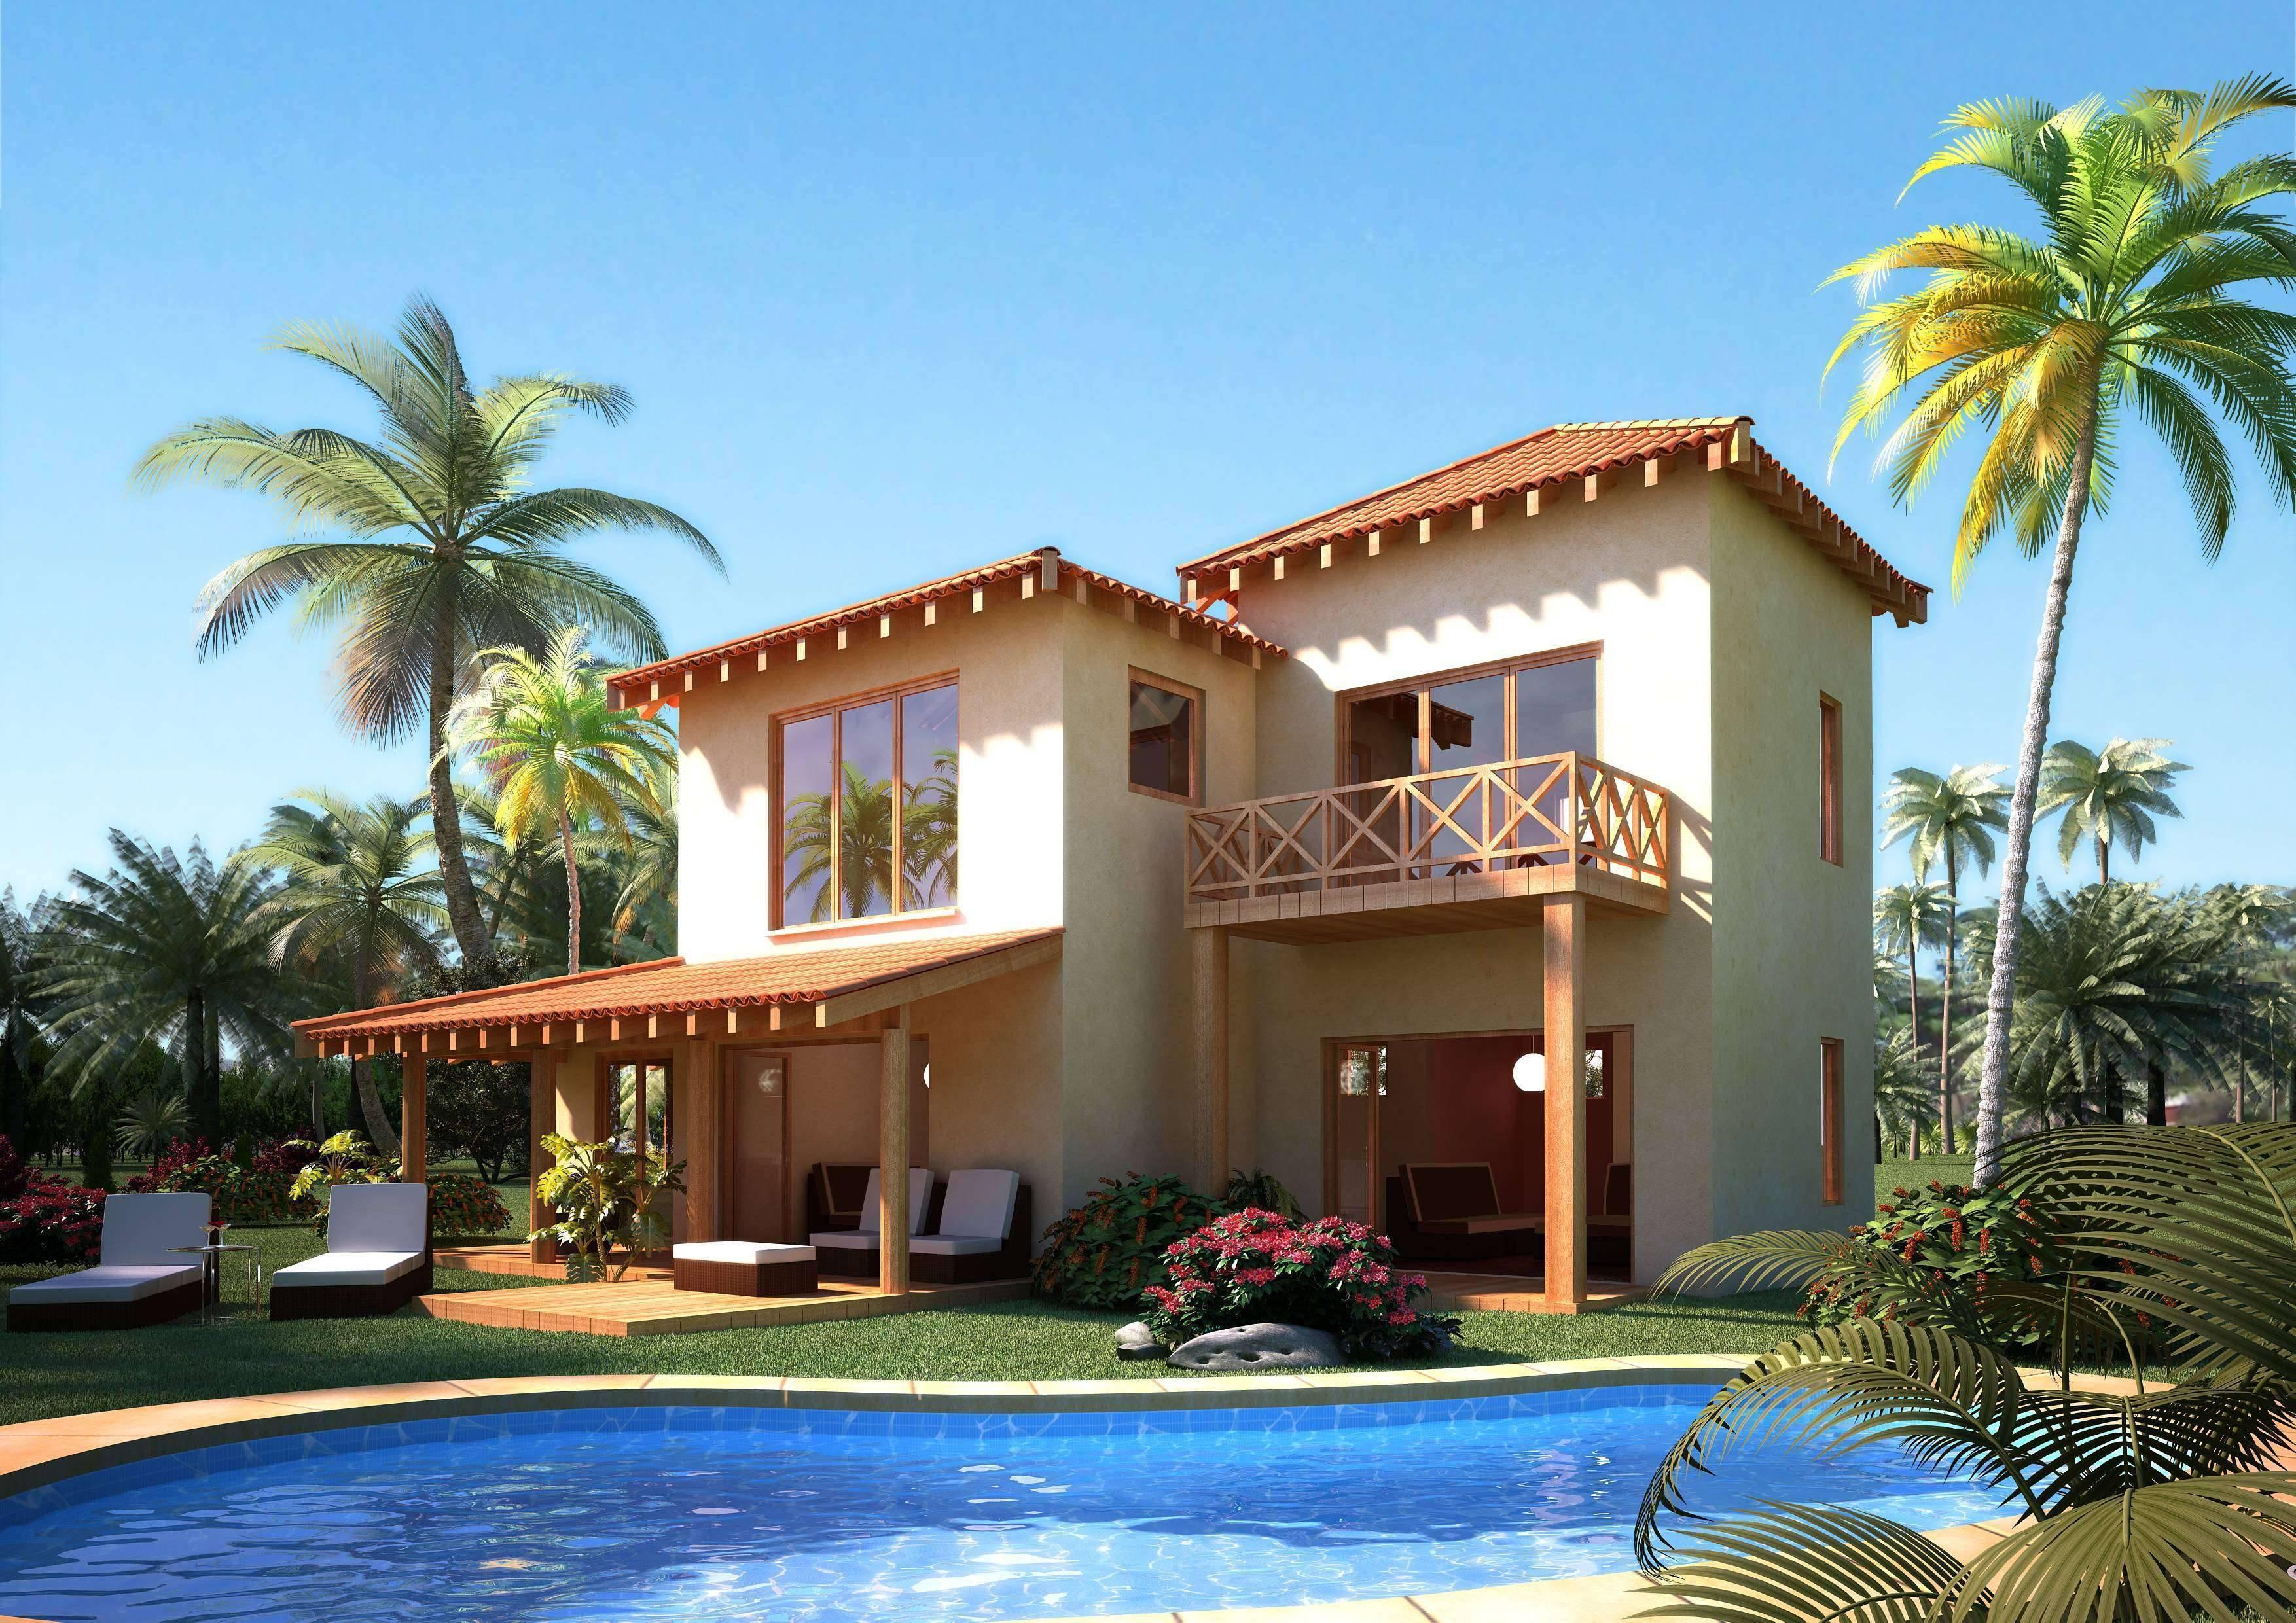 Villa For Sale Natal Rio Grande Do Norte Brazil Luxury